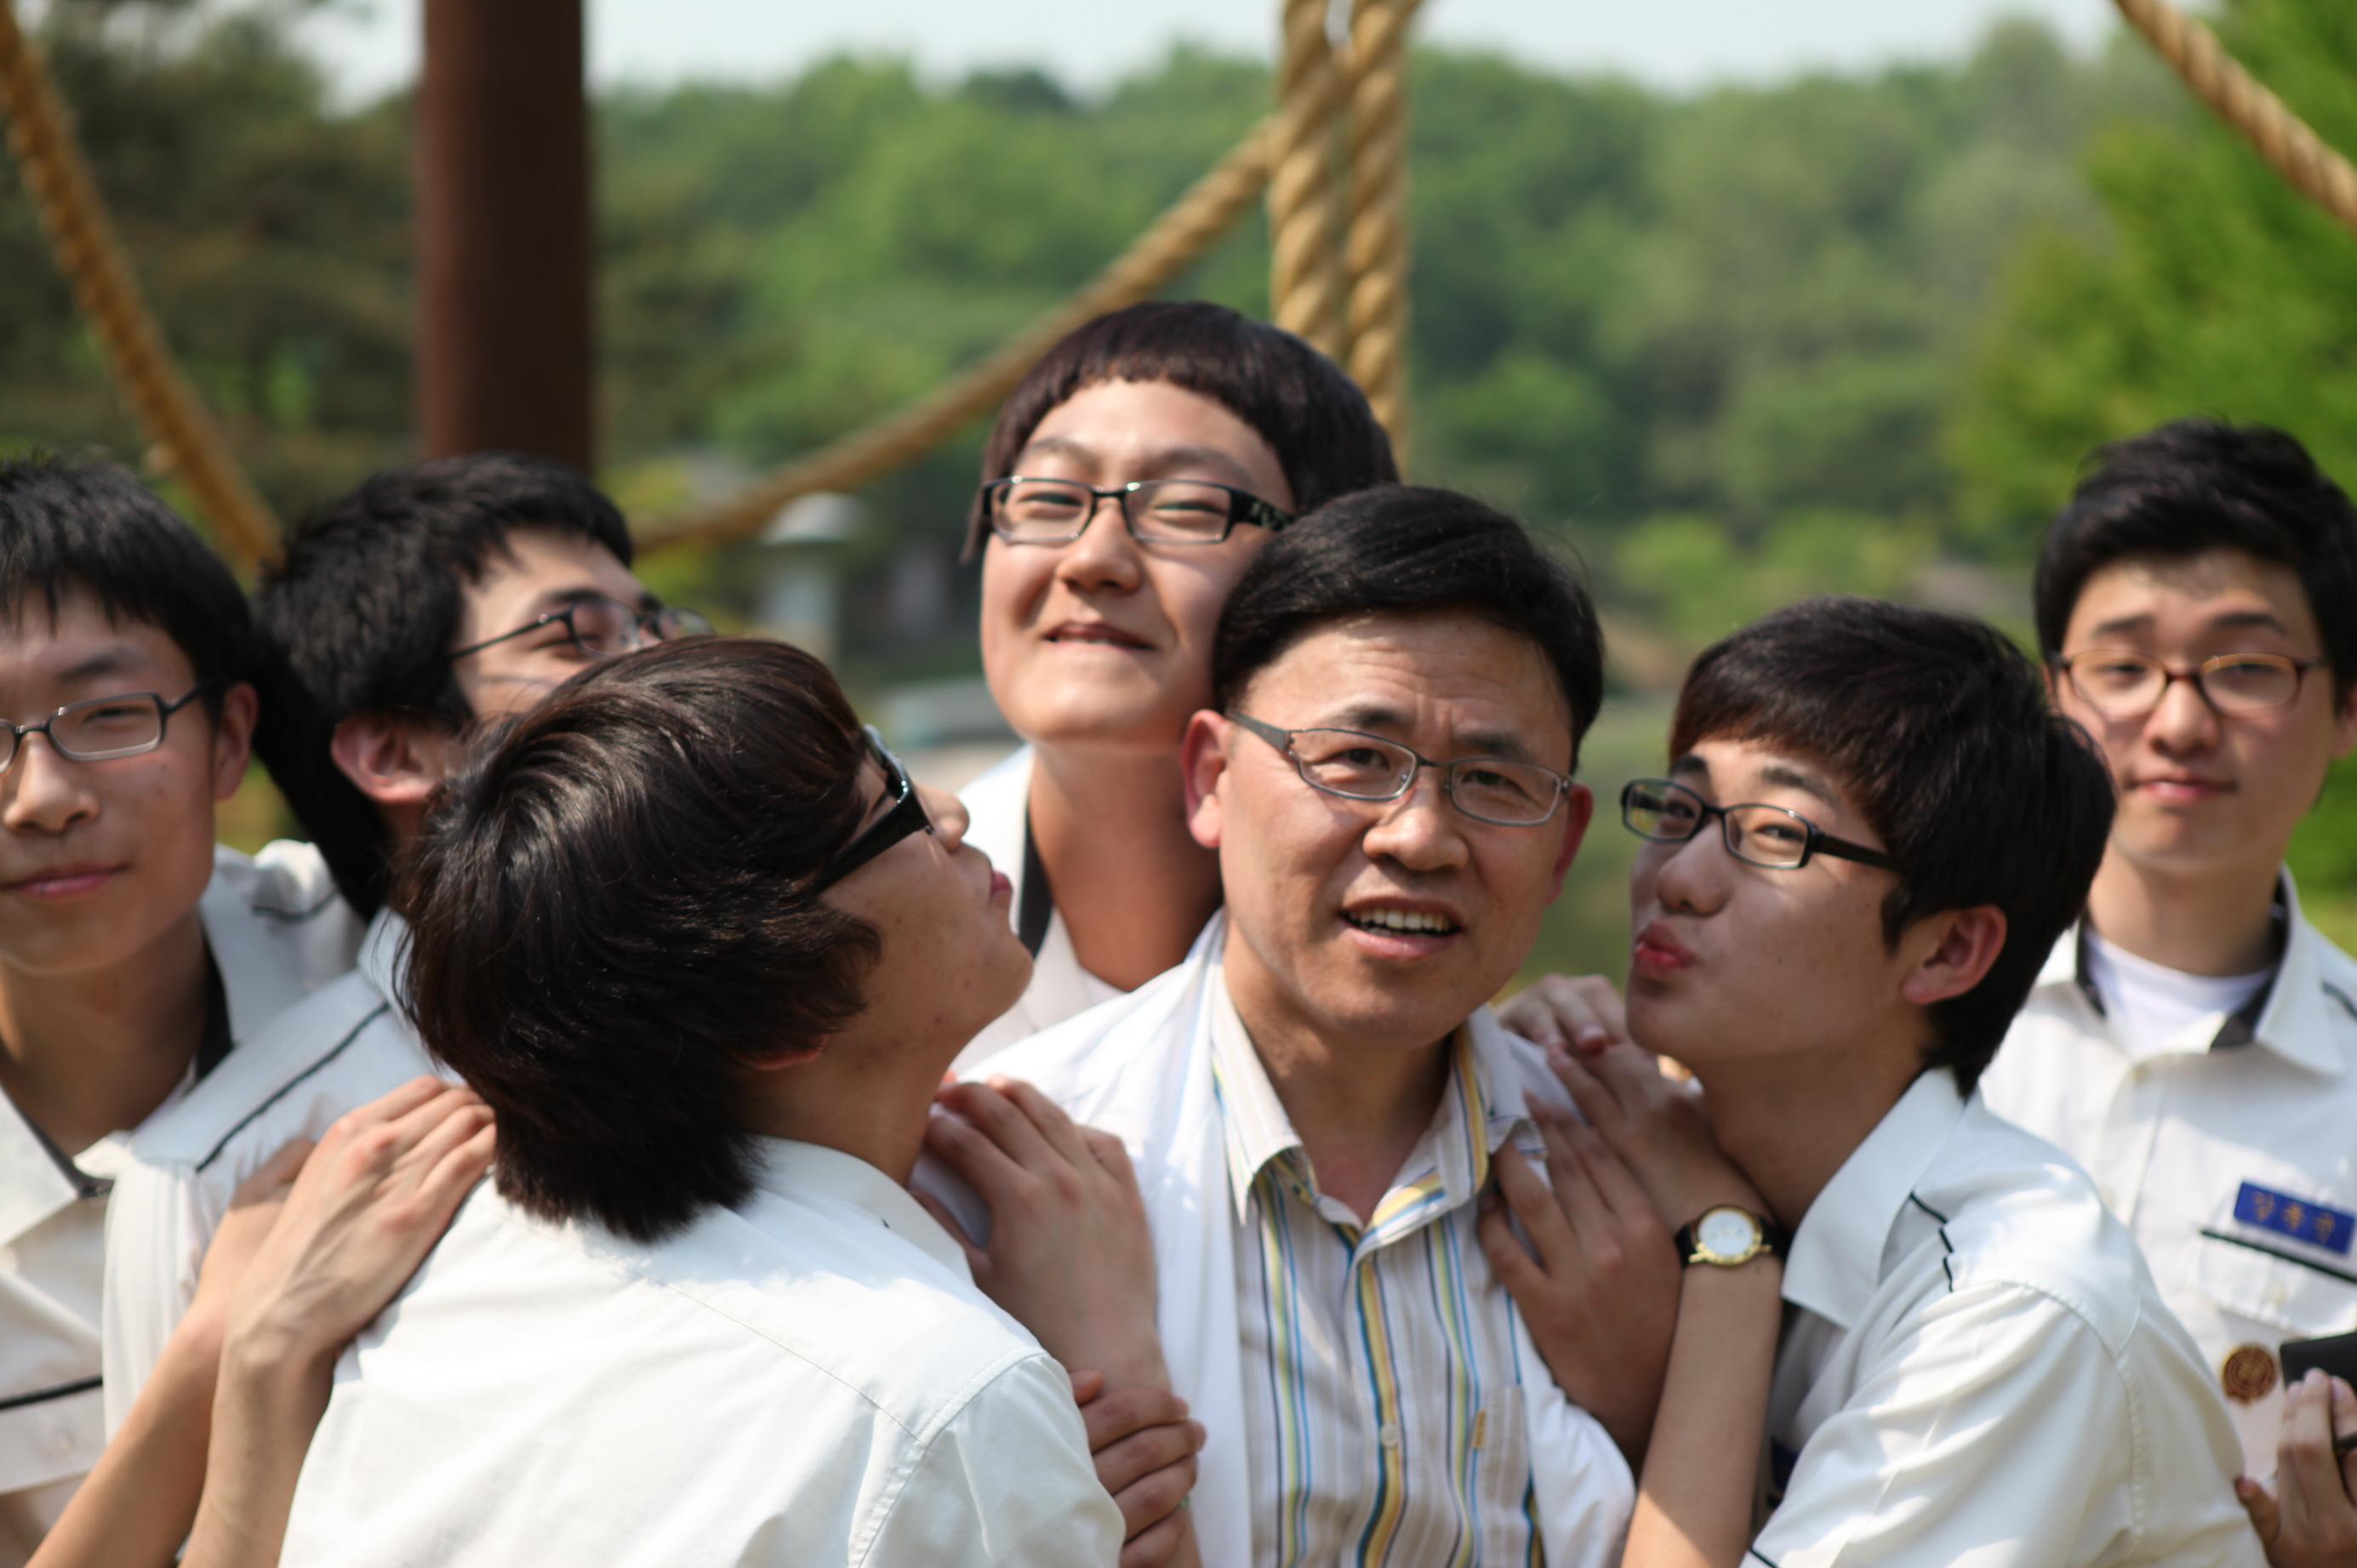 2009/05/08 3학년 졸업앨범촬영 - 3 첨부이미지